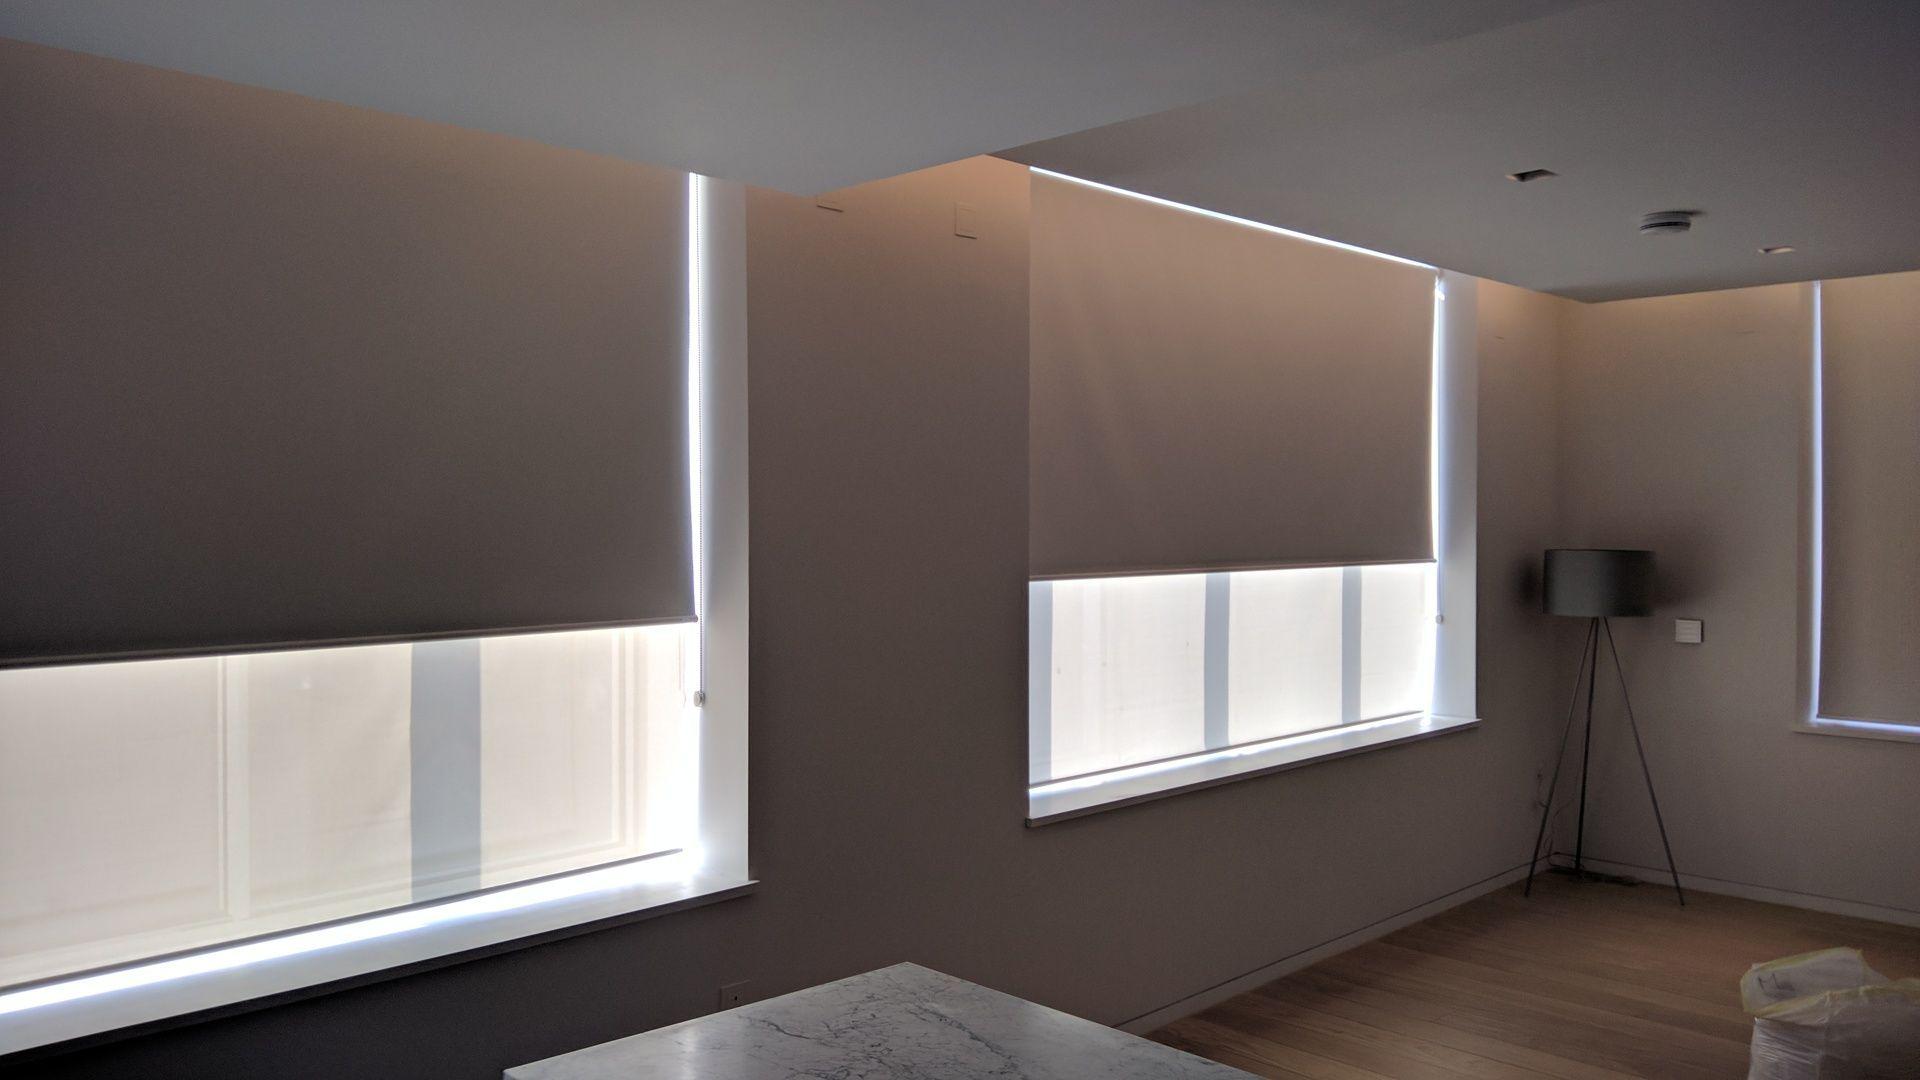 Vertical blinds facade roller blinds tauperoller blinds valance